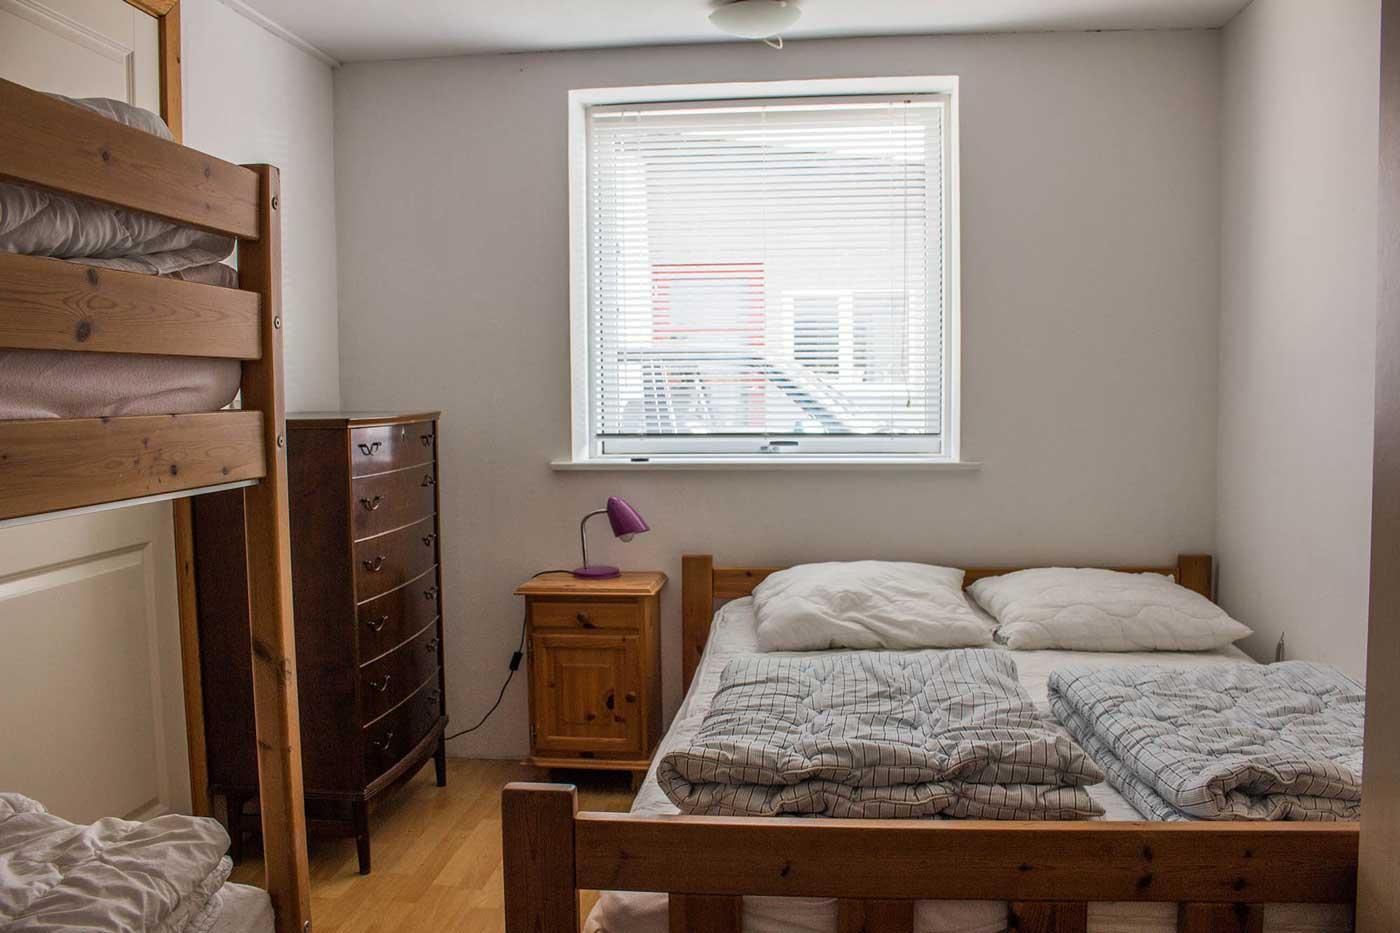 Lejlighedens eneste soveværelse med dobbeltseng, køjeseng og stort klædeskab